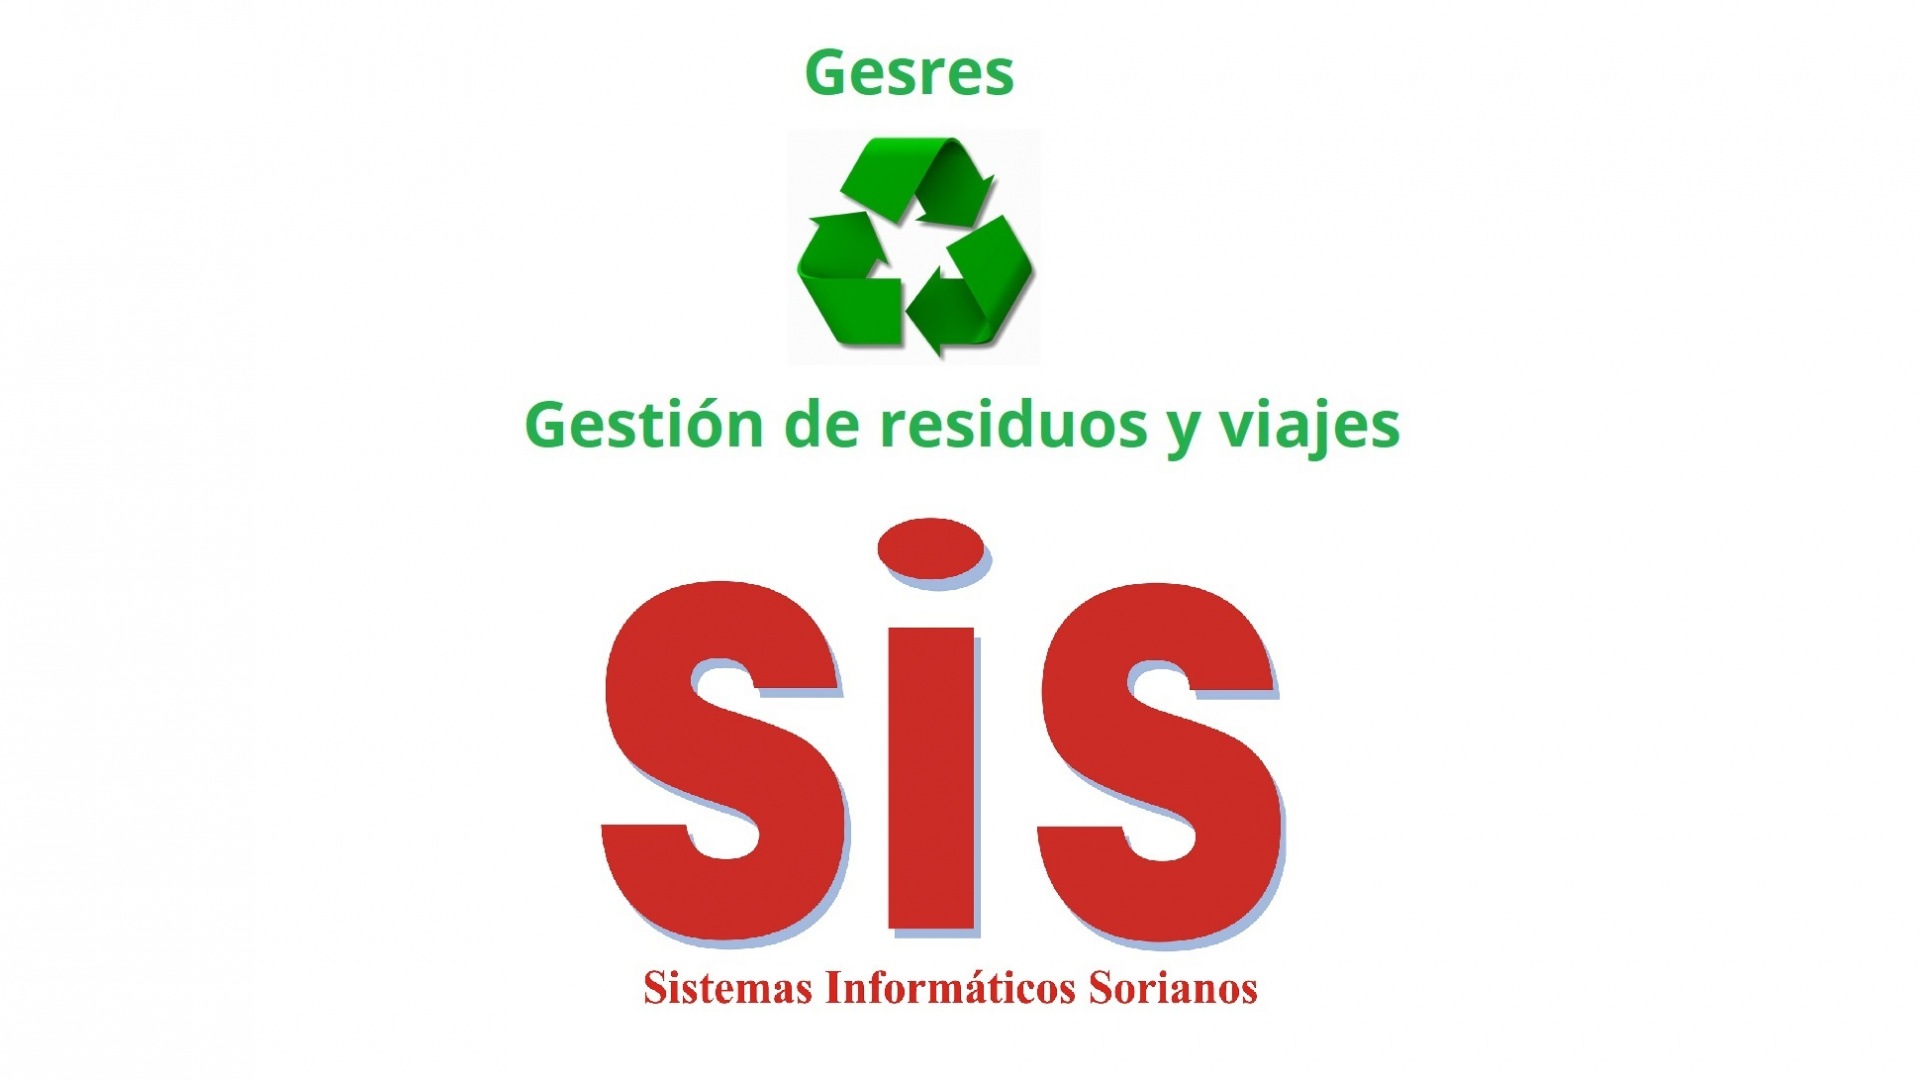 GESRES.- Gestión de residuos, incluido viajes.